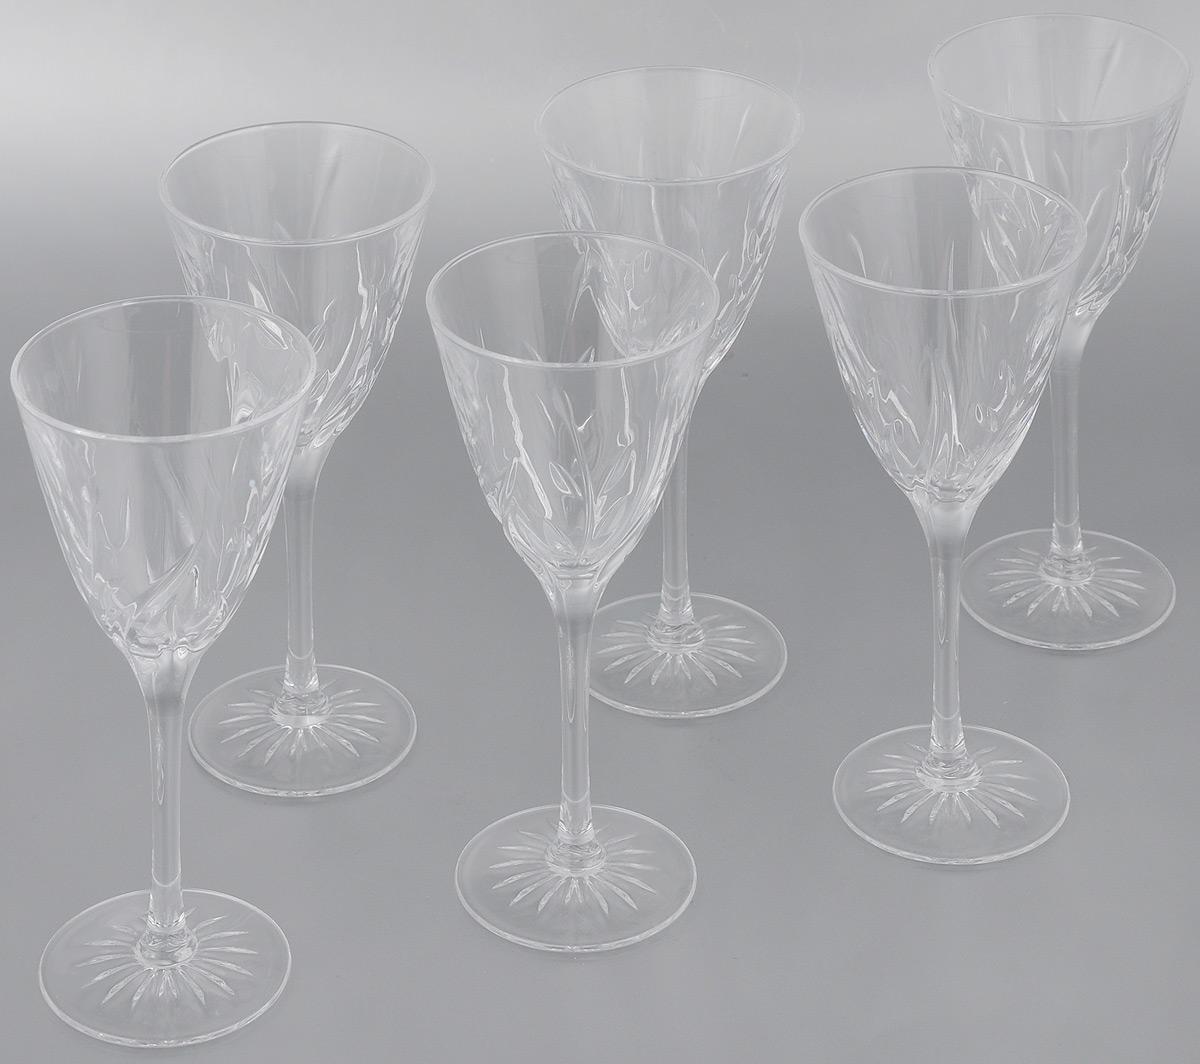 Набор фужеров Cristal dArques Cassandra, 170 мл, 6 штG5633Набор Cristal dArques Cassandra состоит из 6 фужеров, выполненных из специально разработанного стекла Diamax. Изделия оснащены длинными изящными ножками и предназначены для различных напитков. Такой набор прекрасно дополнит праздничный стол и станет желанным подарком в любом доме. Диаметр фужера (по верхнему краю): 7,8 см. Высота фужера: 19 см. Диаметр основания фужера: 6,5 см.